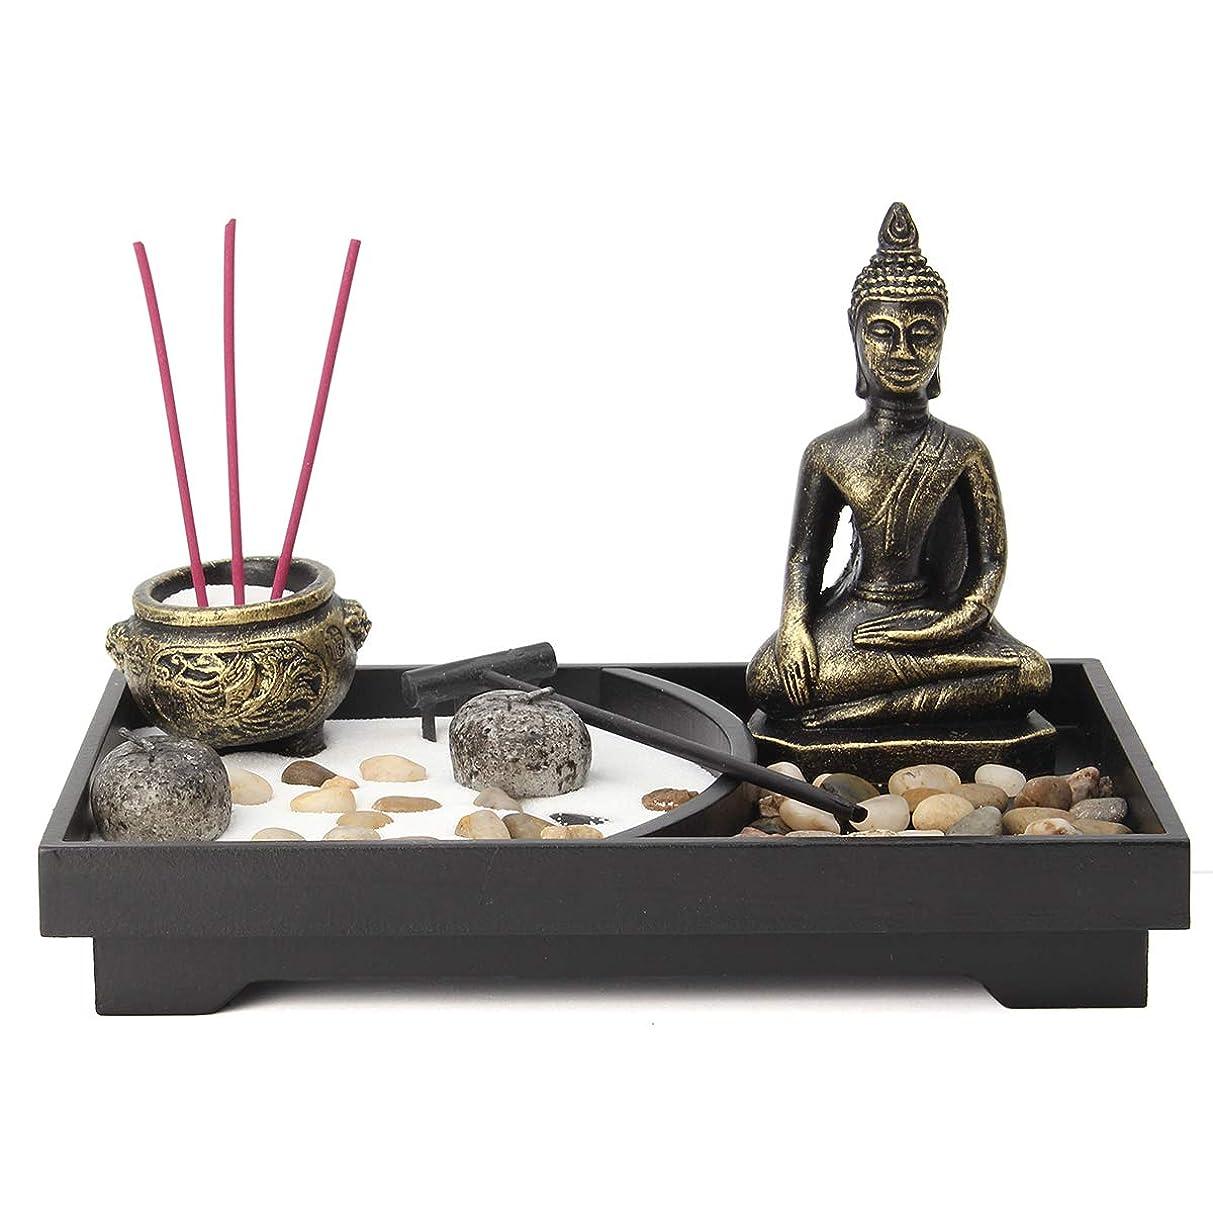 残酷追い払う壊れたjeteven Buddha Statue Incense Holder Mini瞑想Zen Garden withワックス、お香バーナーホルダースティックホームDecor & Handicraft、8.82?